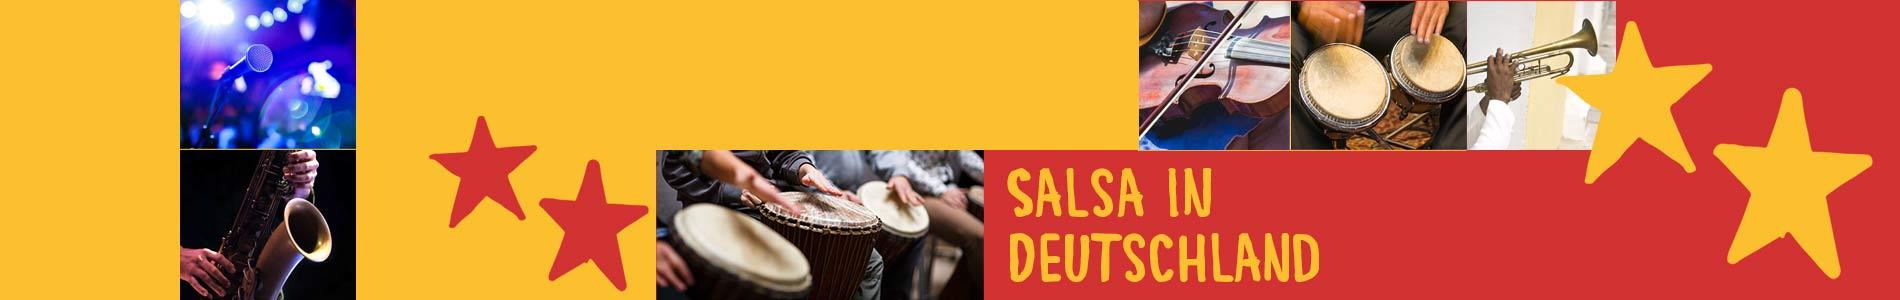 Salsa in Camburg – Salsa lernen und tanzen, Tanzkurse, Partys, Veranstaltungen